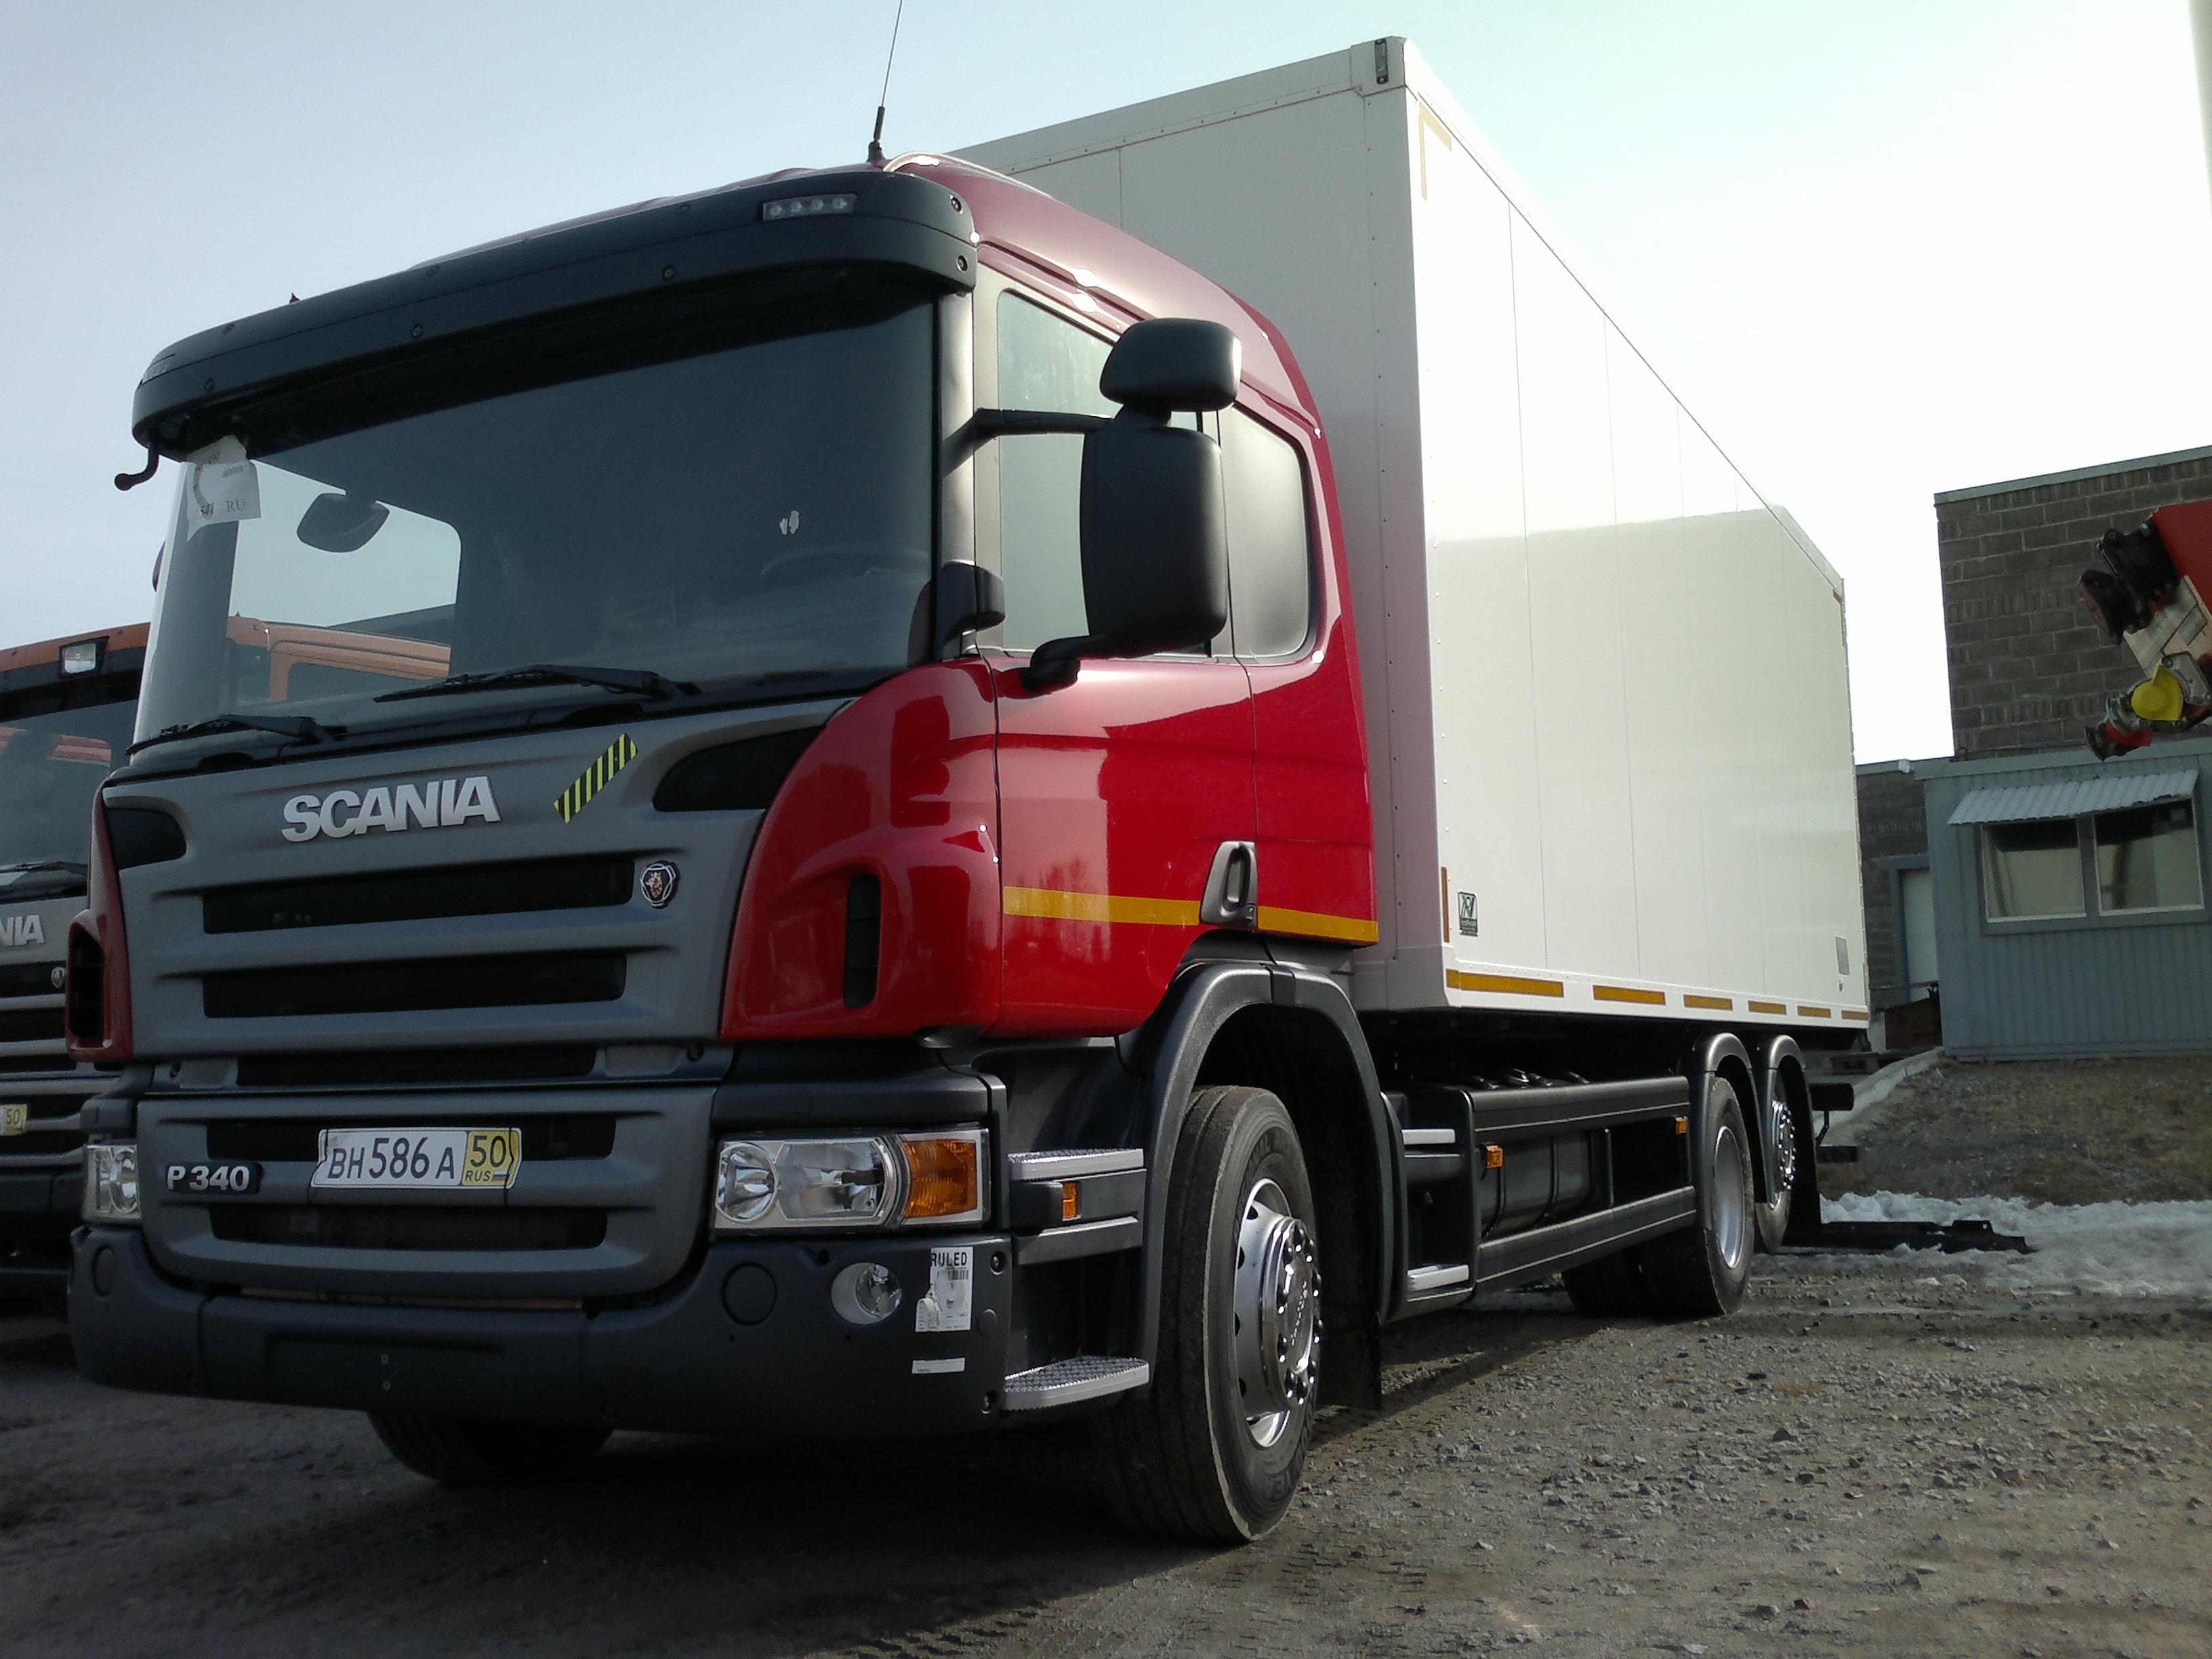 Фургон изотермический фура Скания продажа Хабаровск купить фуру